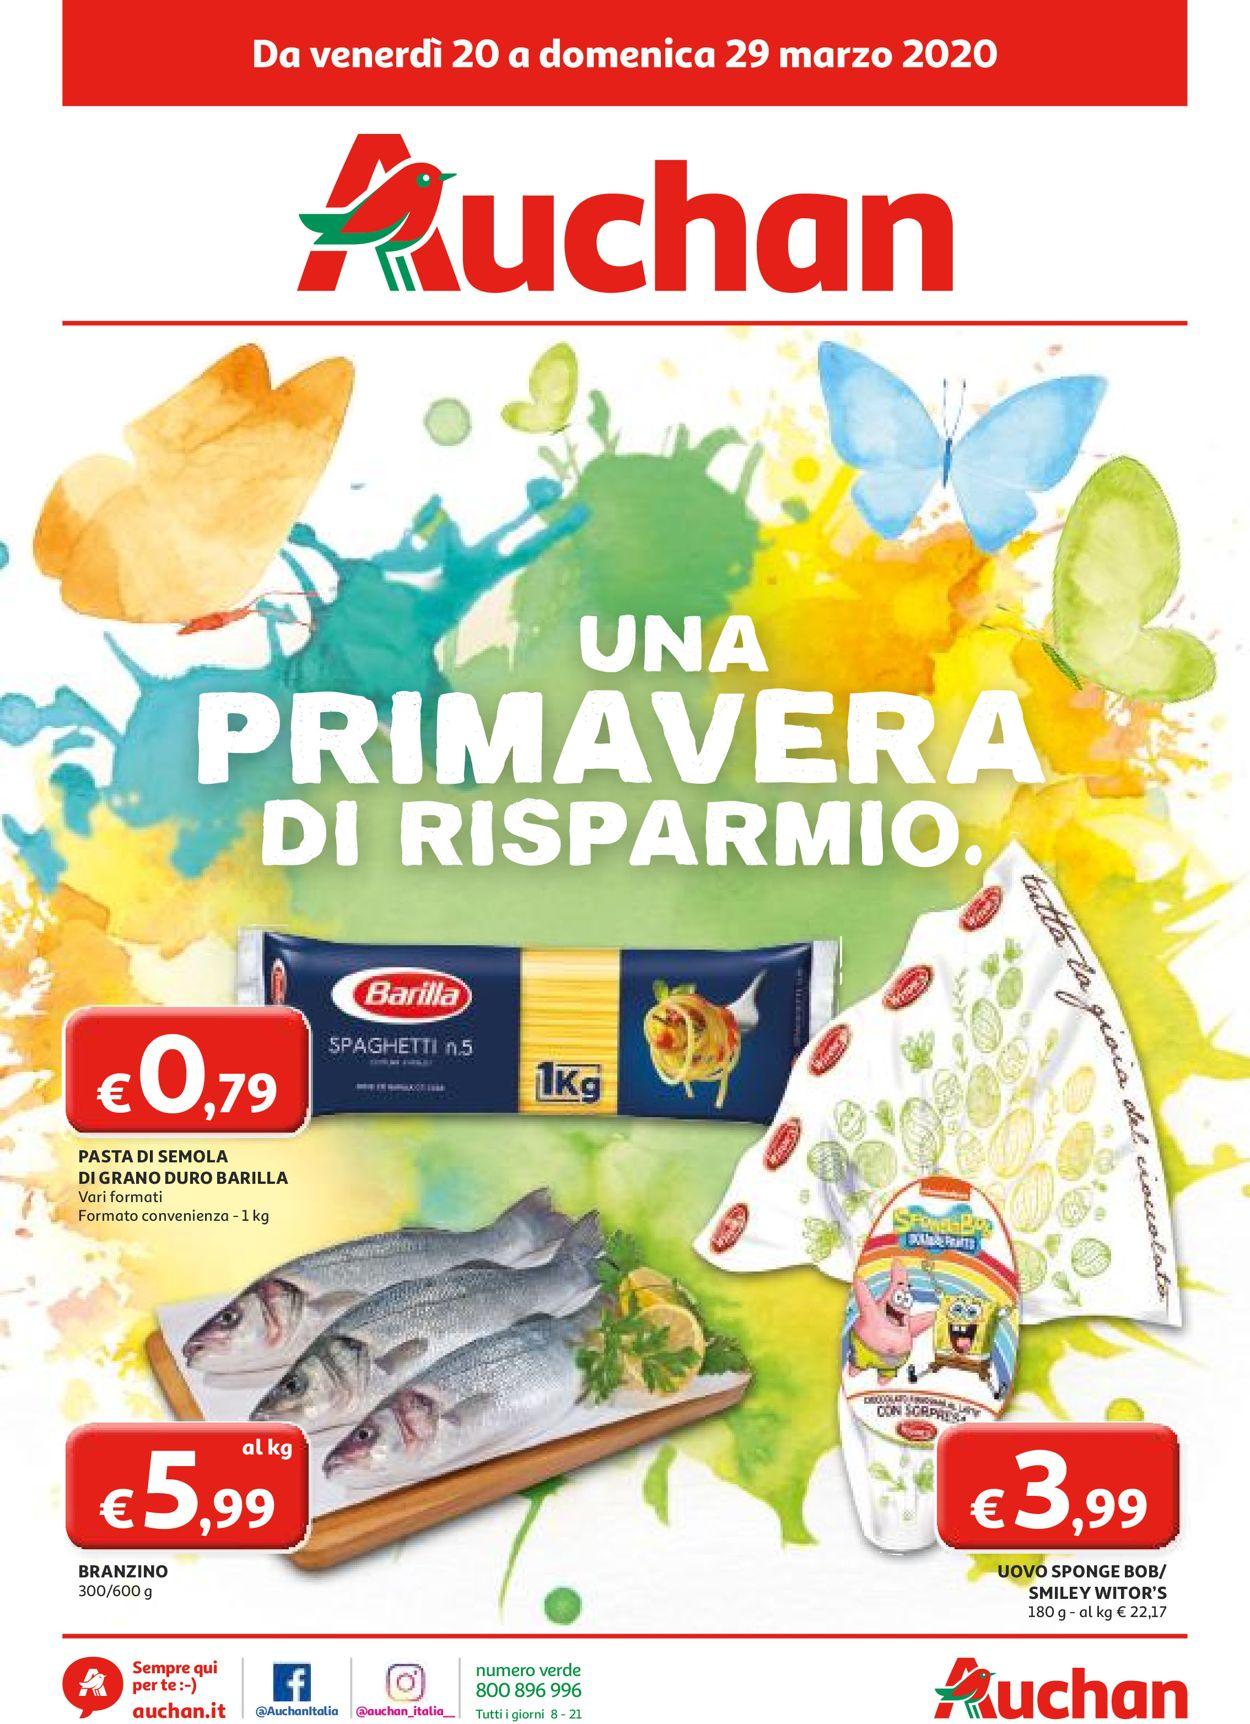 Volantino Auchan - Offerte 20/03-29/03/2020